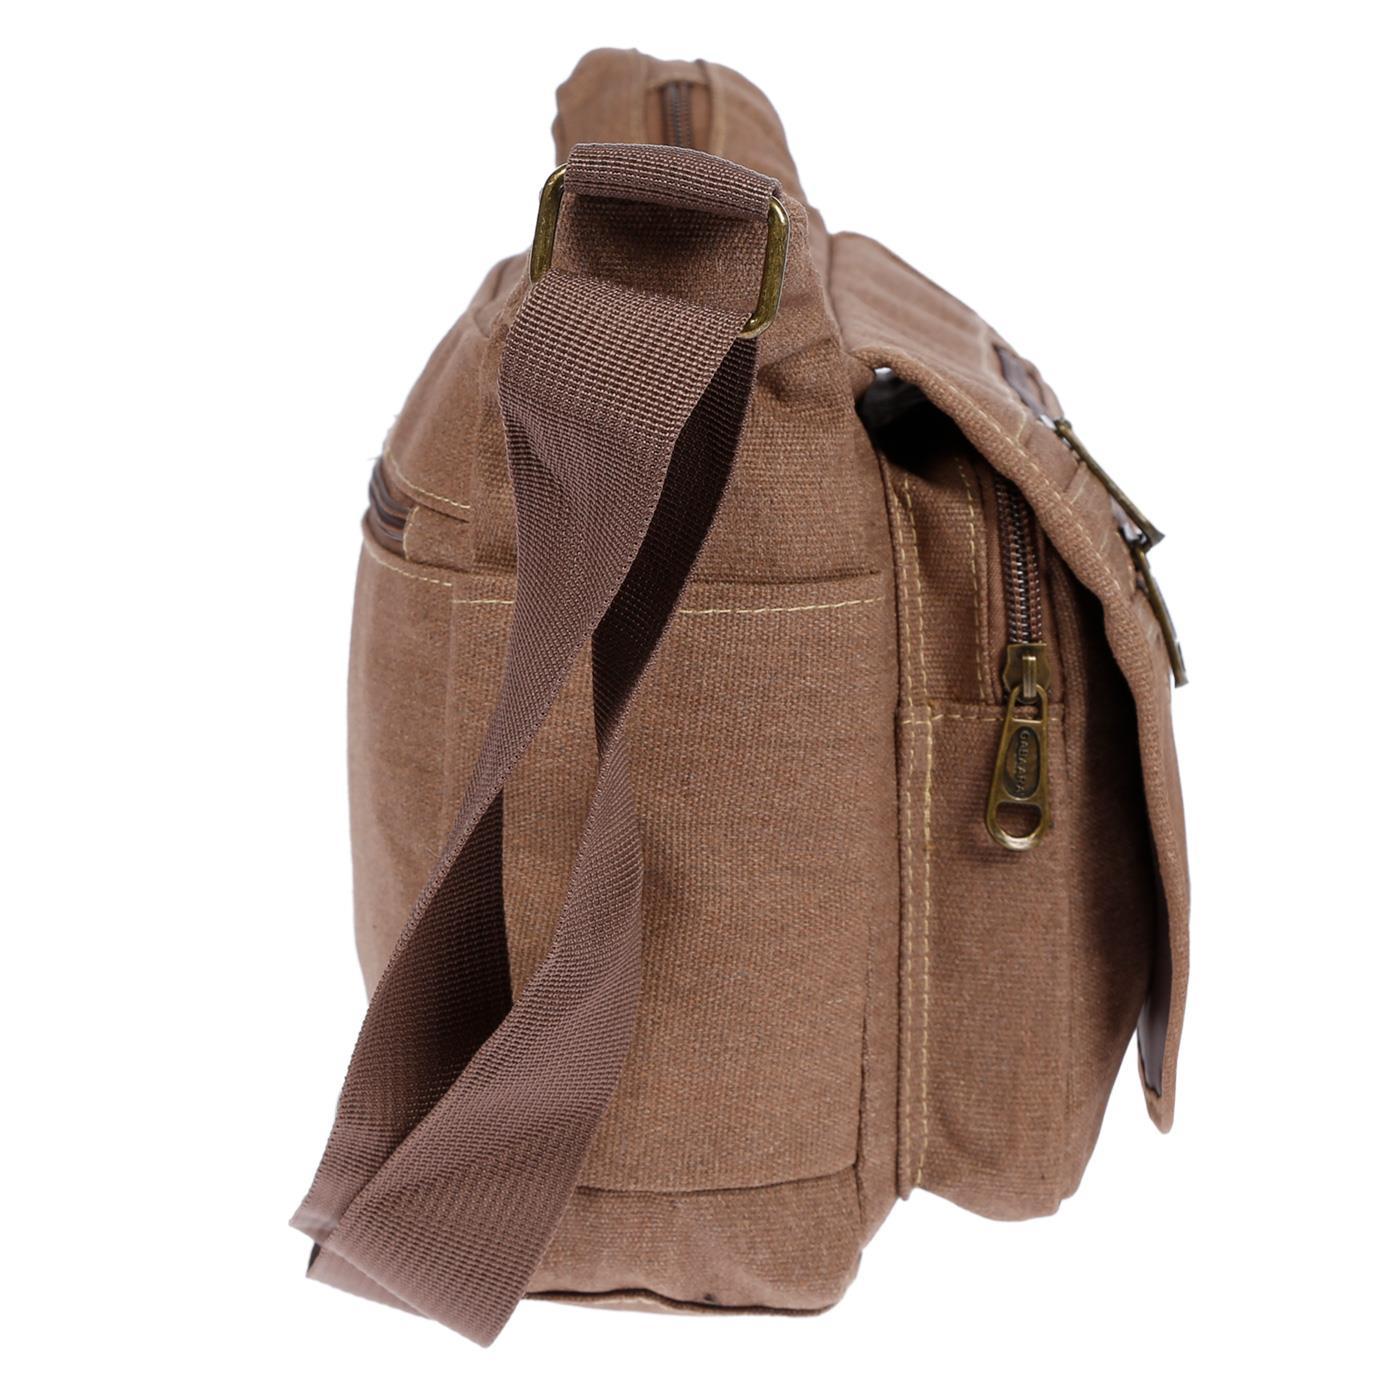 Damen-Tasche-Canvas-Umhaengetasche-Schultertasche-Crossover-Bag-Damenhandtasche Indexbild 27